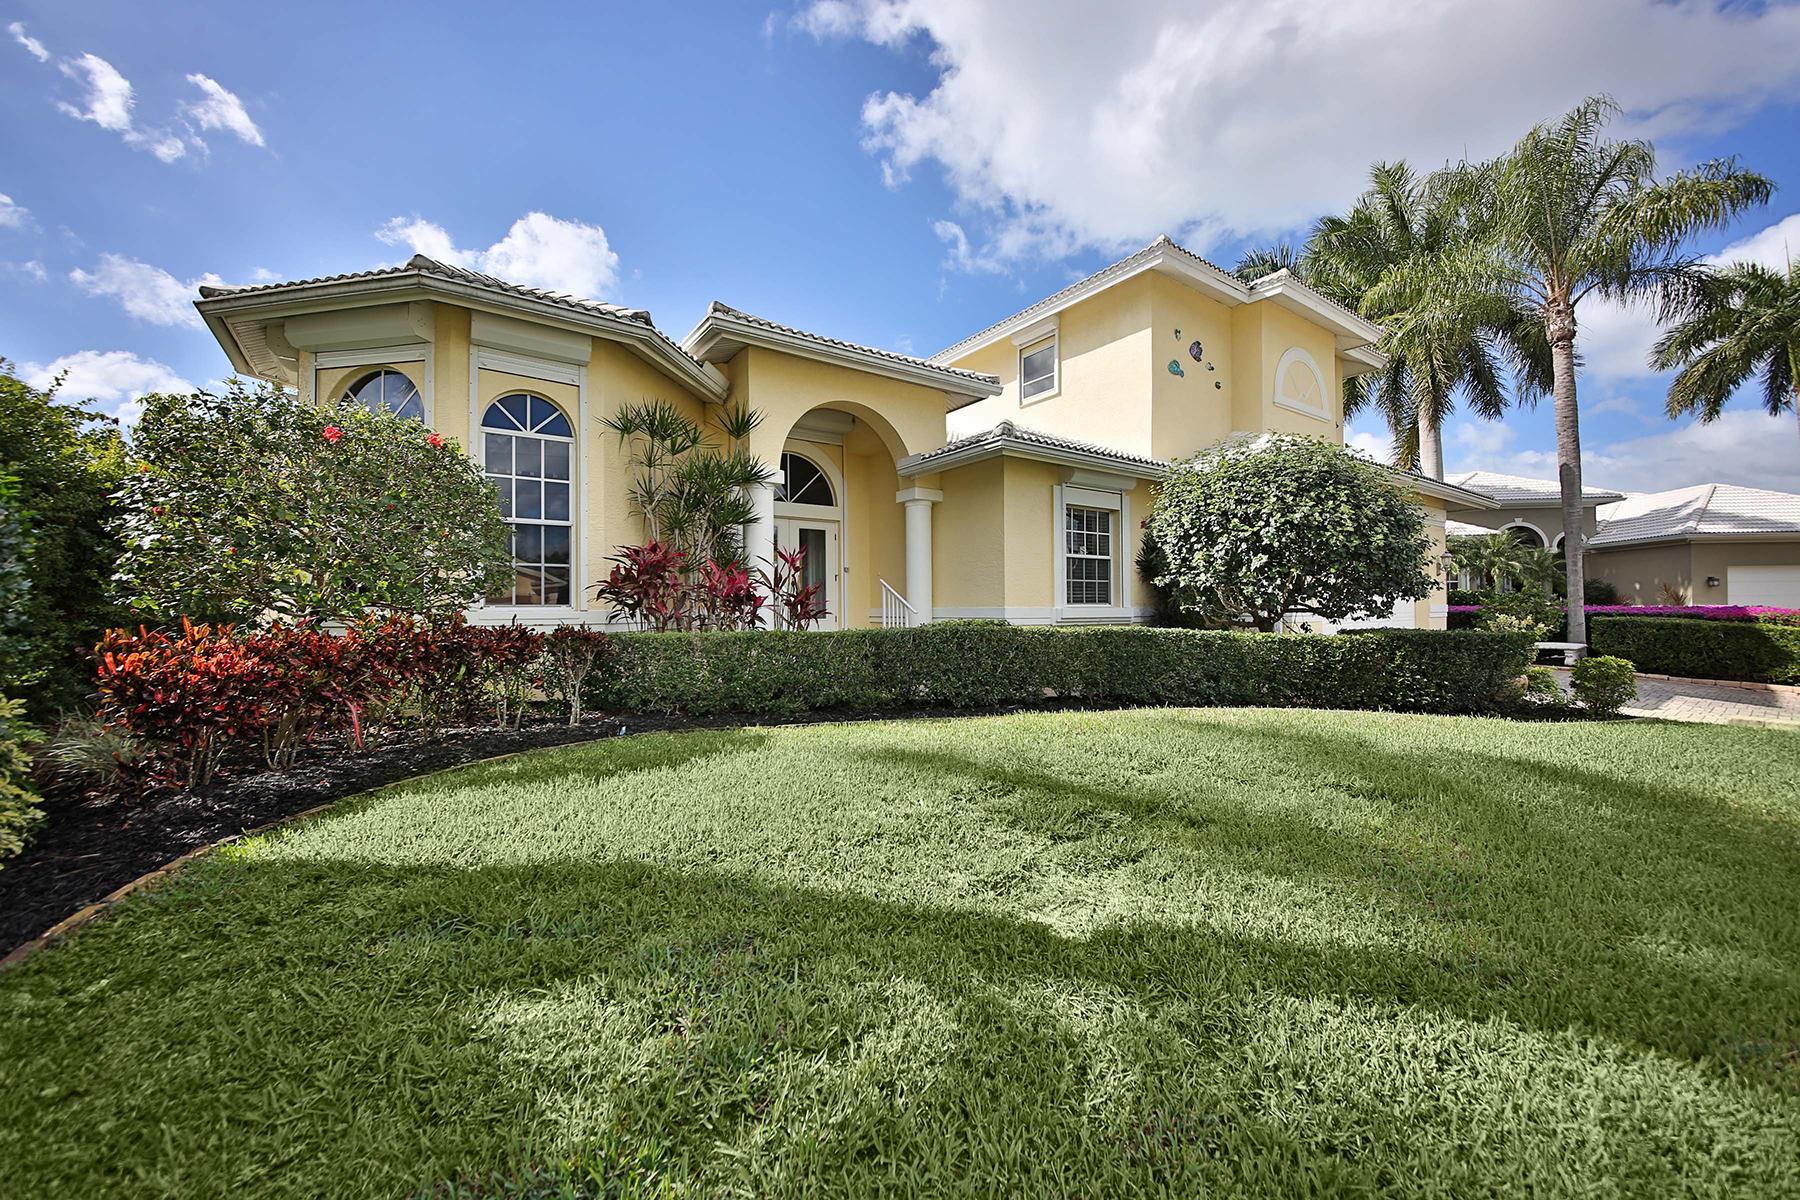 Casa para uma família para Venda às MARCO ISLAND 132 Shorecrest Ct Marco Island, Florida, 34145 Estados Unidos